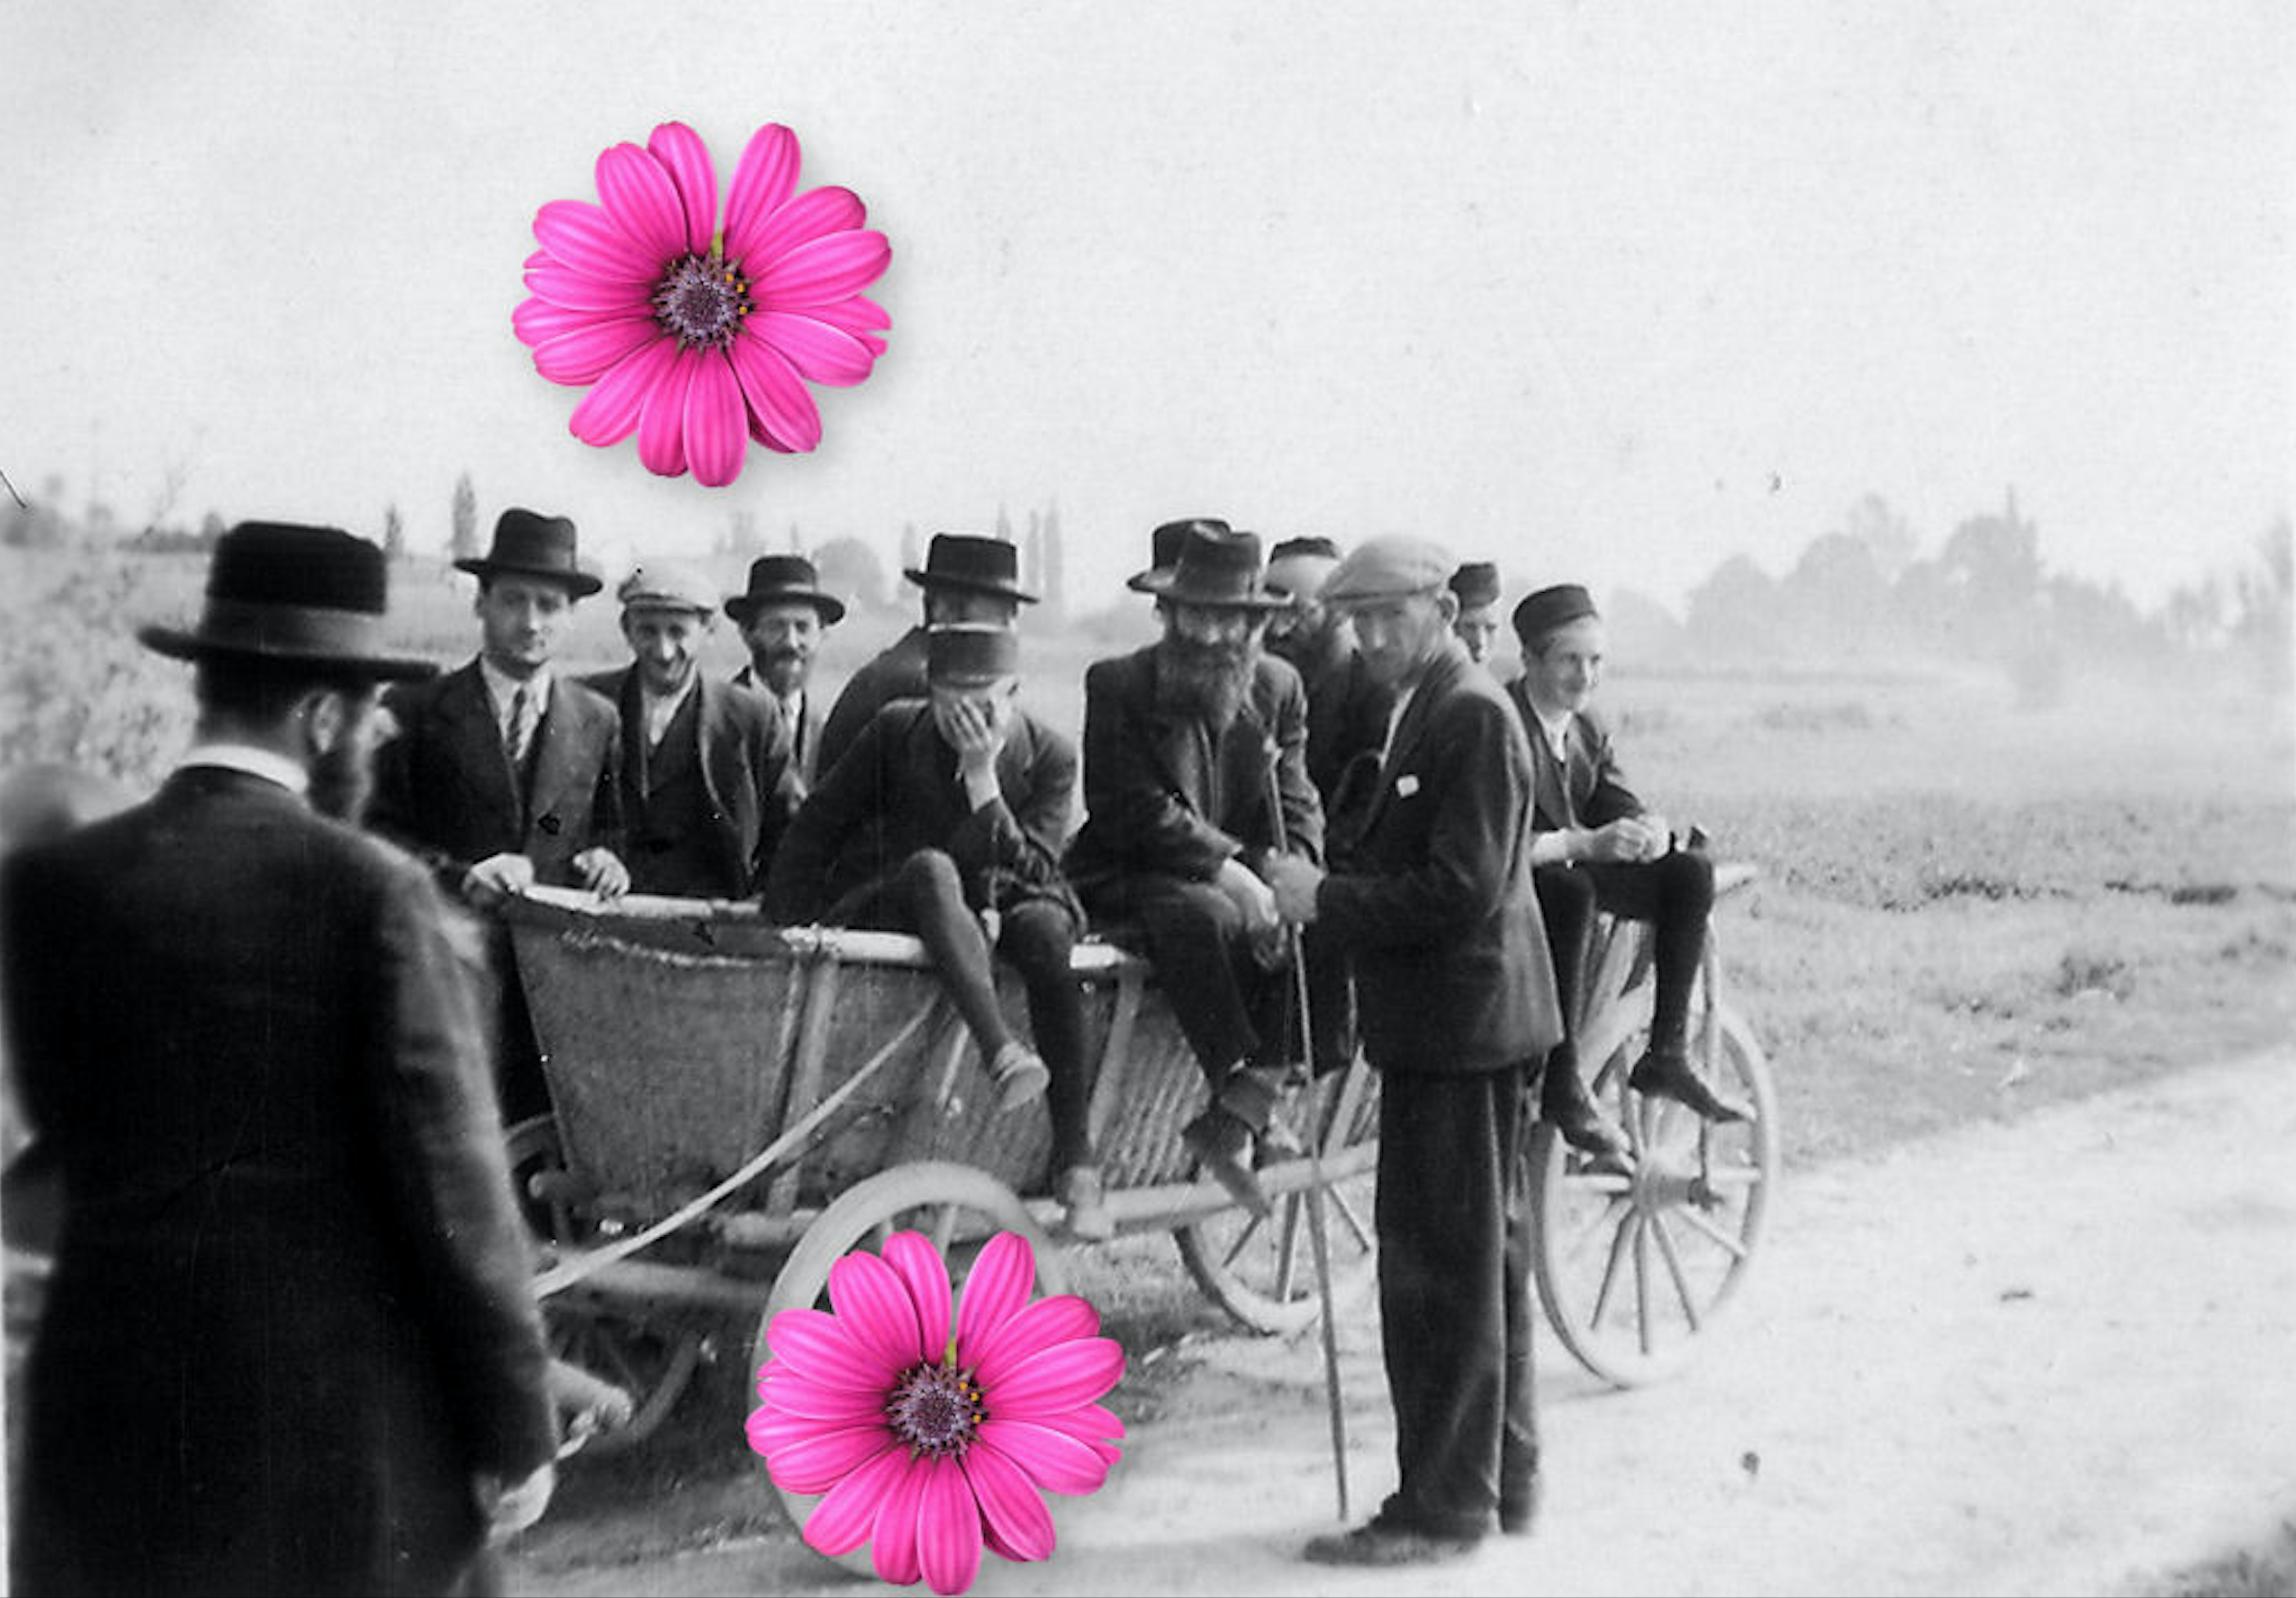 Продається цікаве старе фото (звісно без квітів на зображенні)